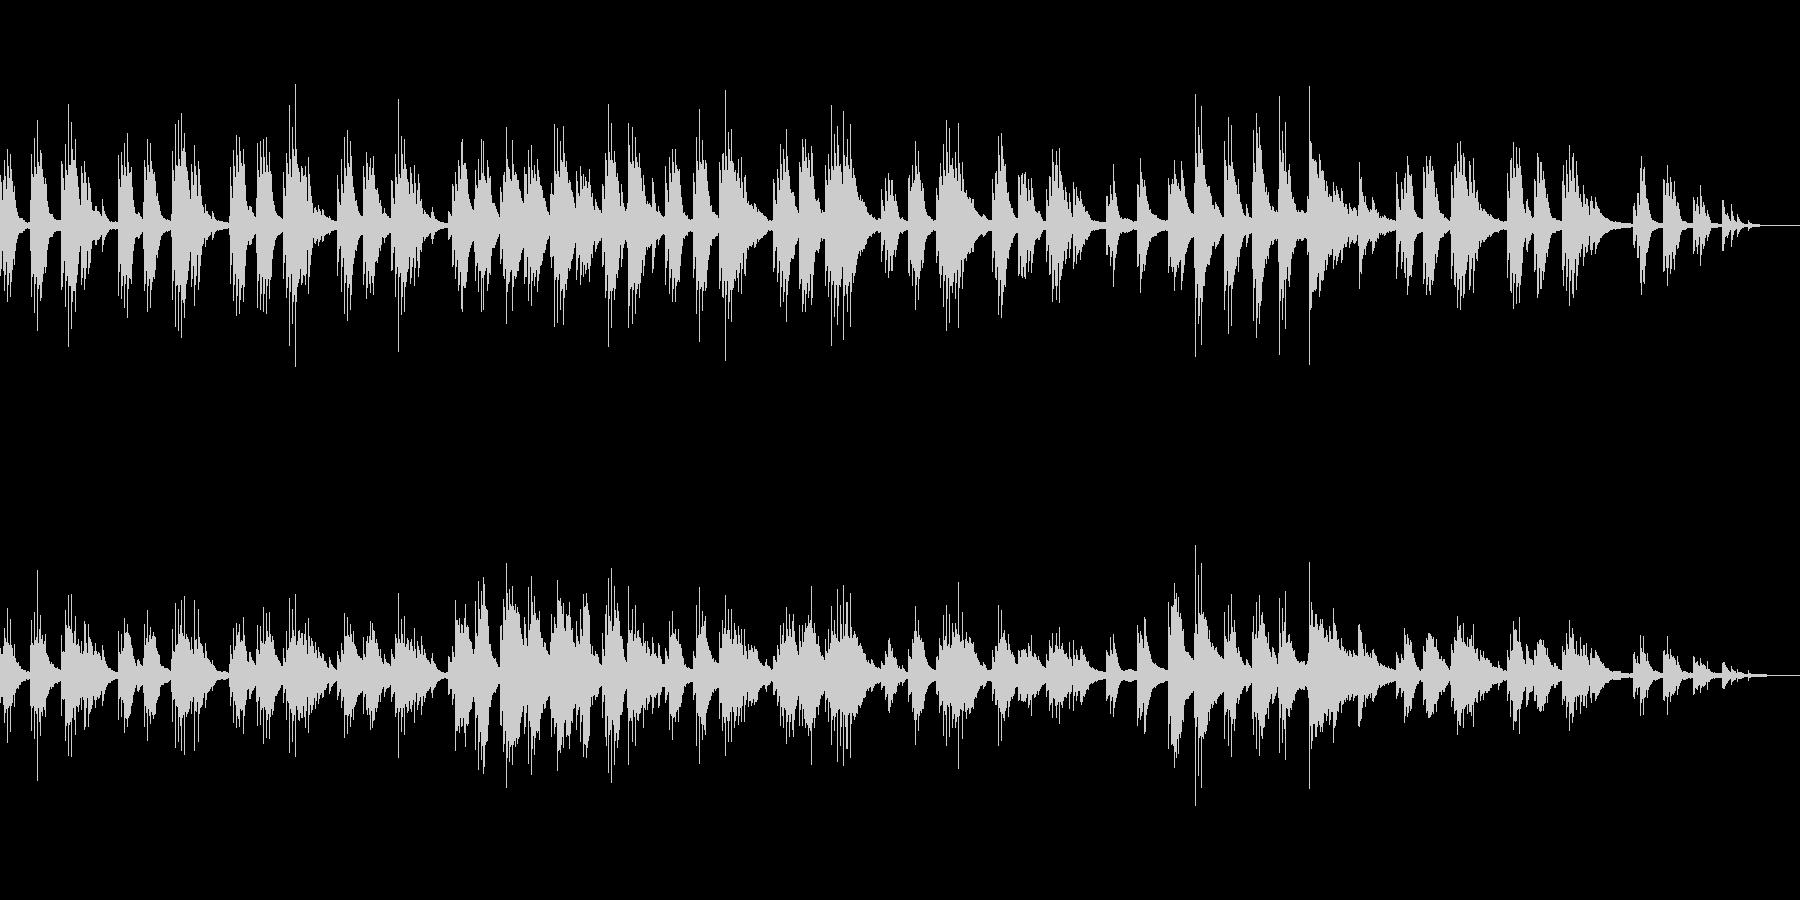 ゆったりとしたテンポのピアノソロ曲の未再生の波形